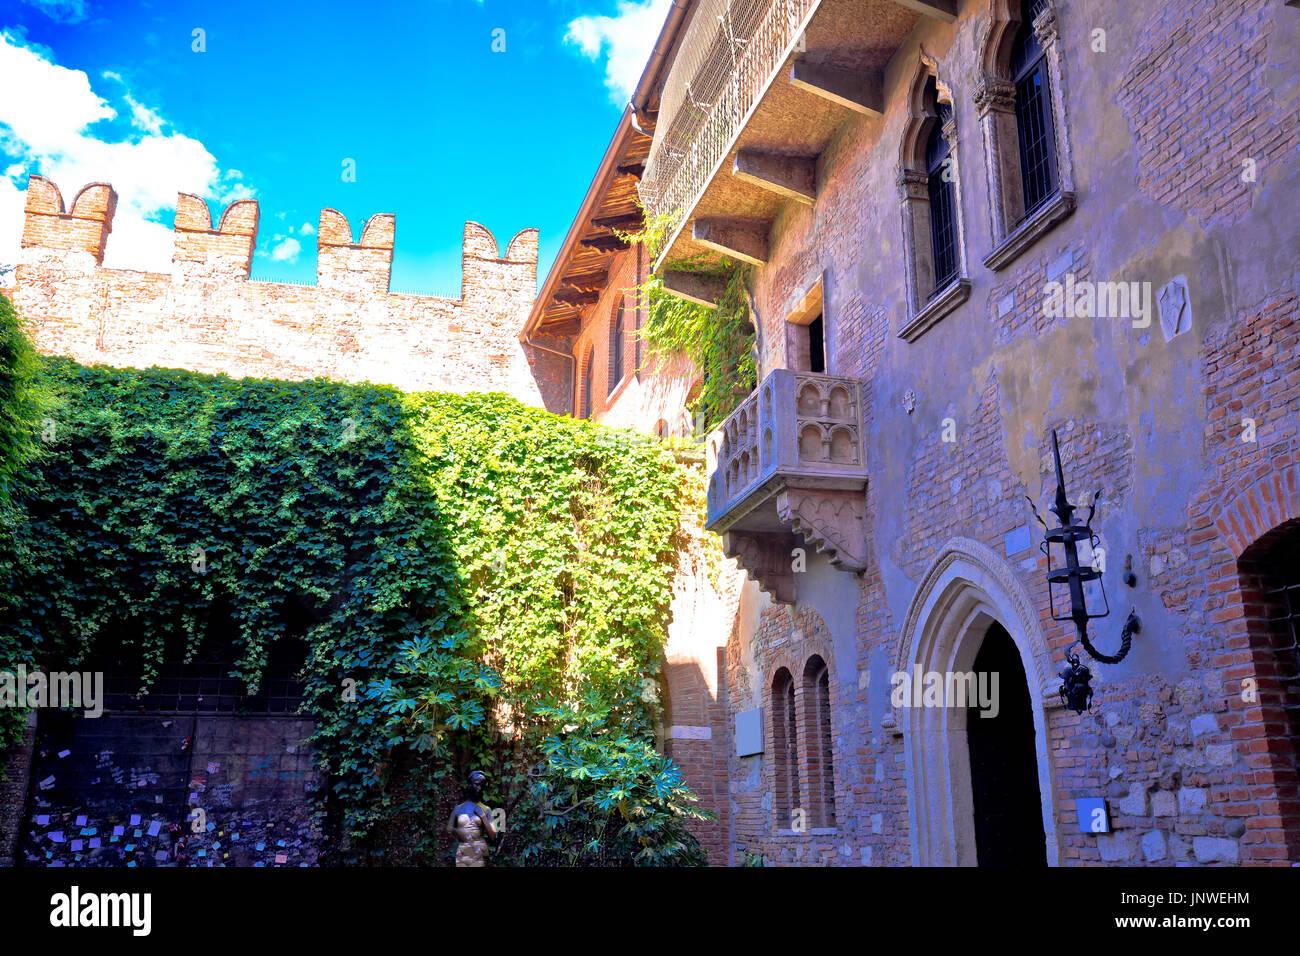 Terrasse und Balkon von Romeo und Julia Haus in Verona, Venetien, Italien Stockbild